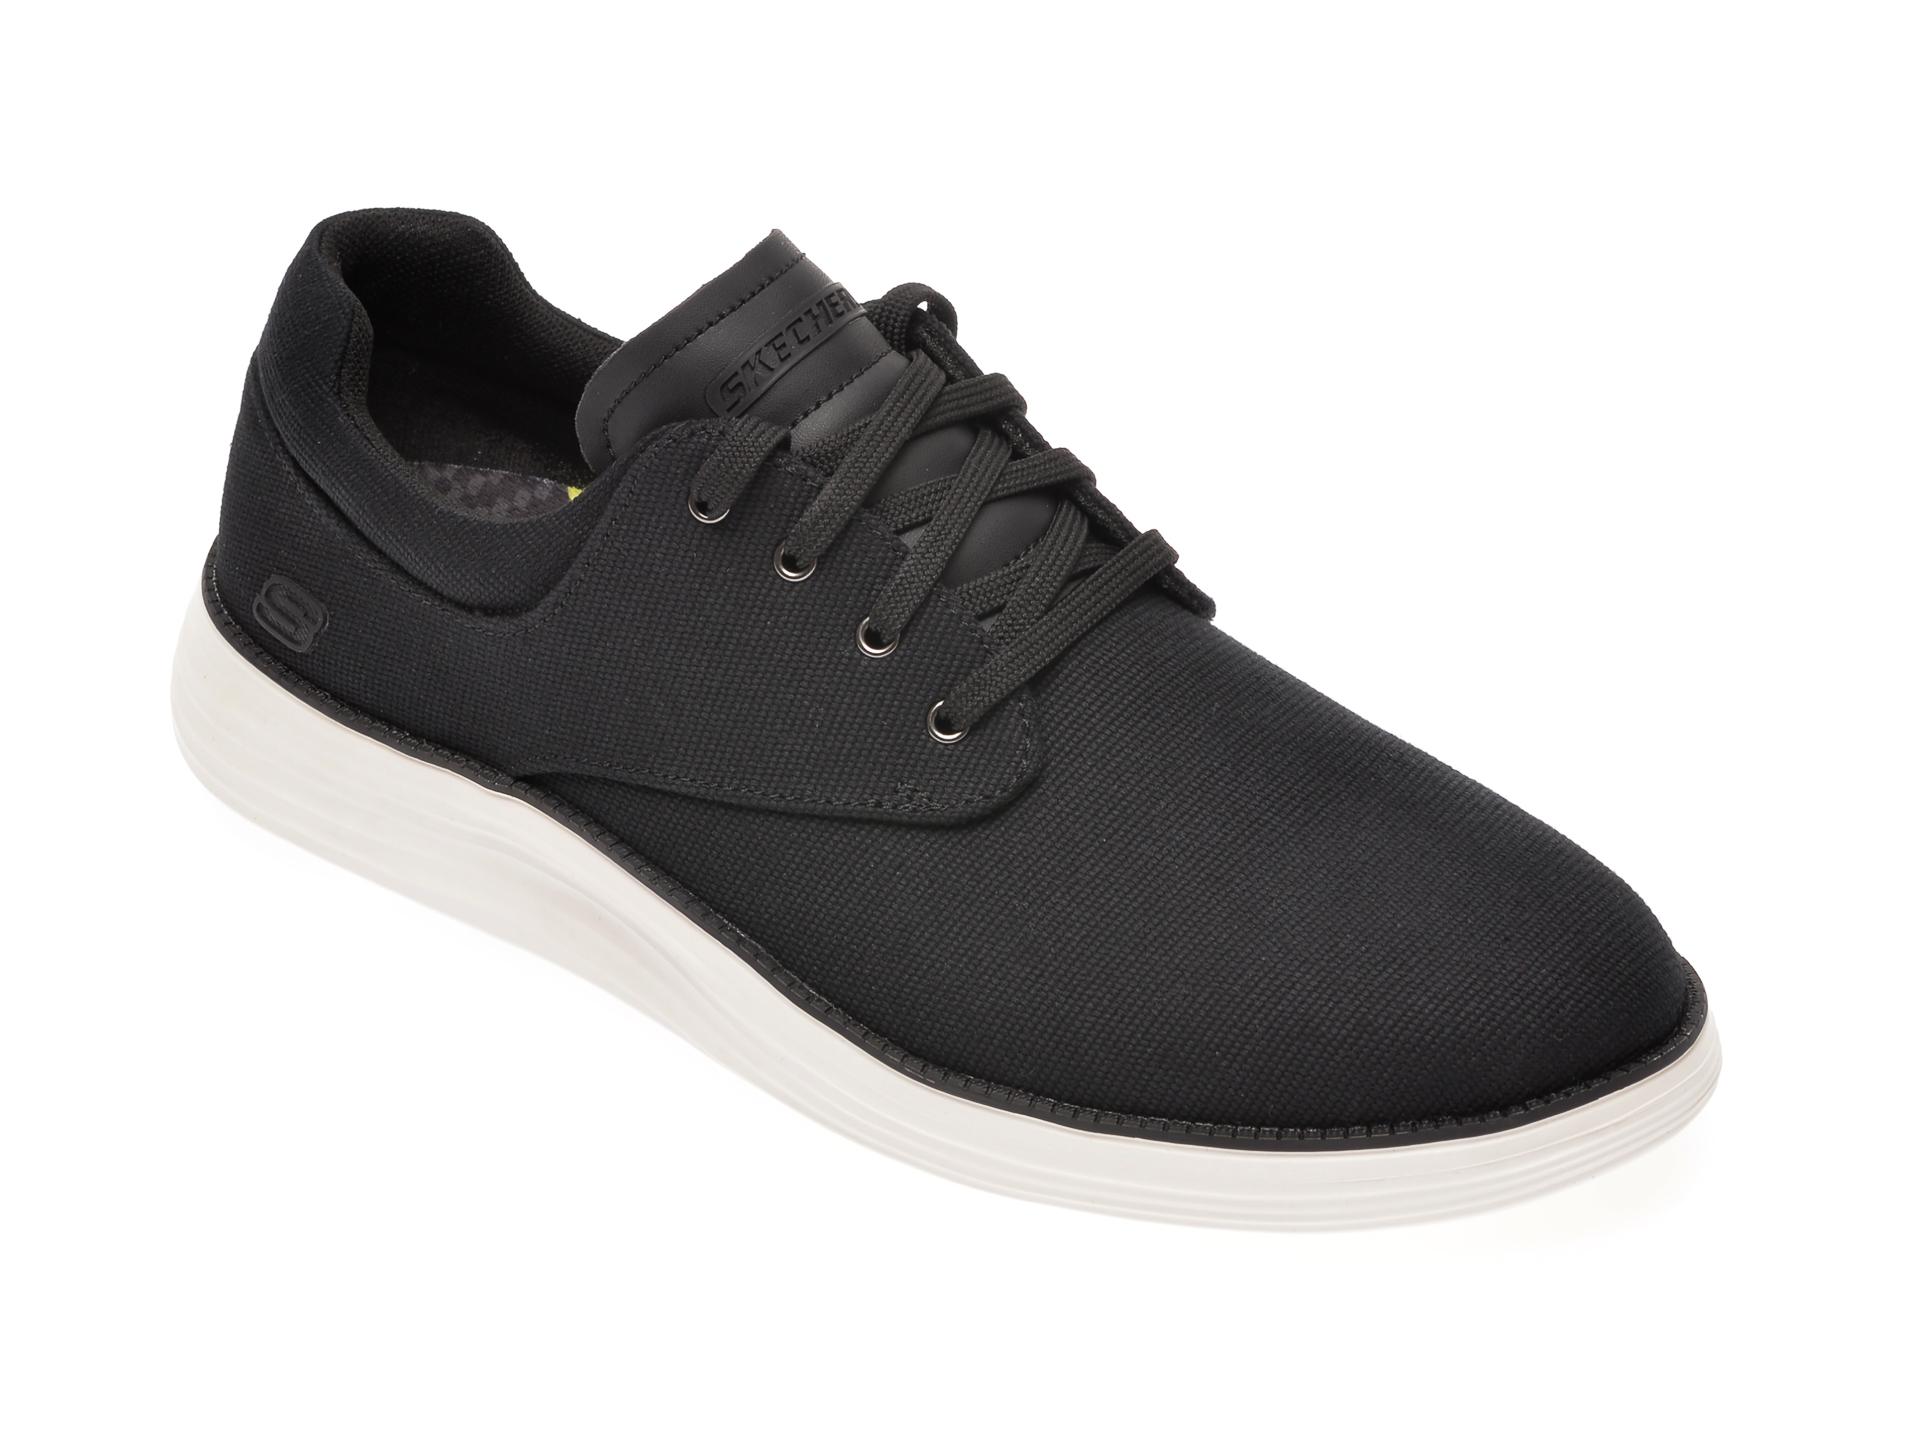 Pantofisport SKECHERS negri, Status 2.0 Burbank, din material textil imagine